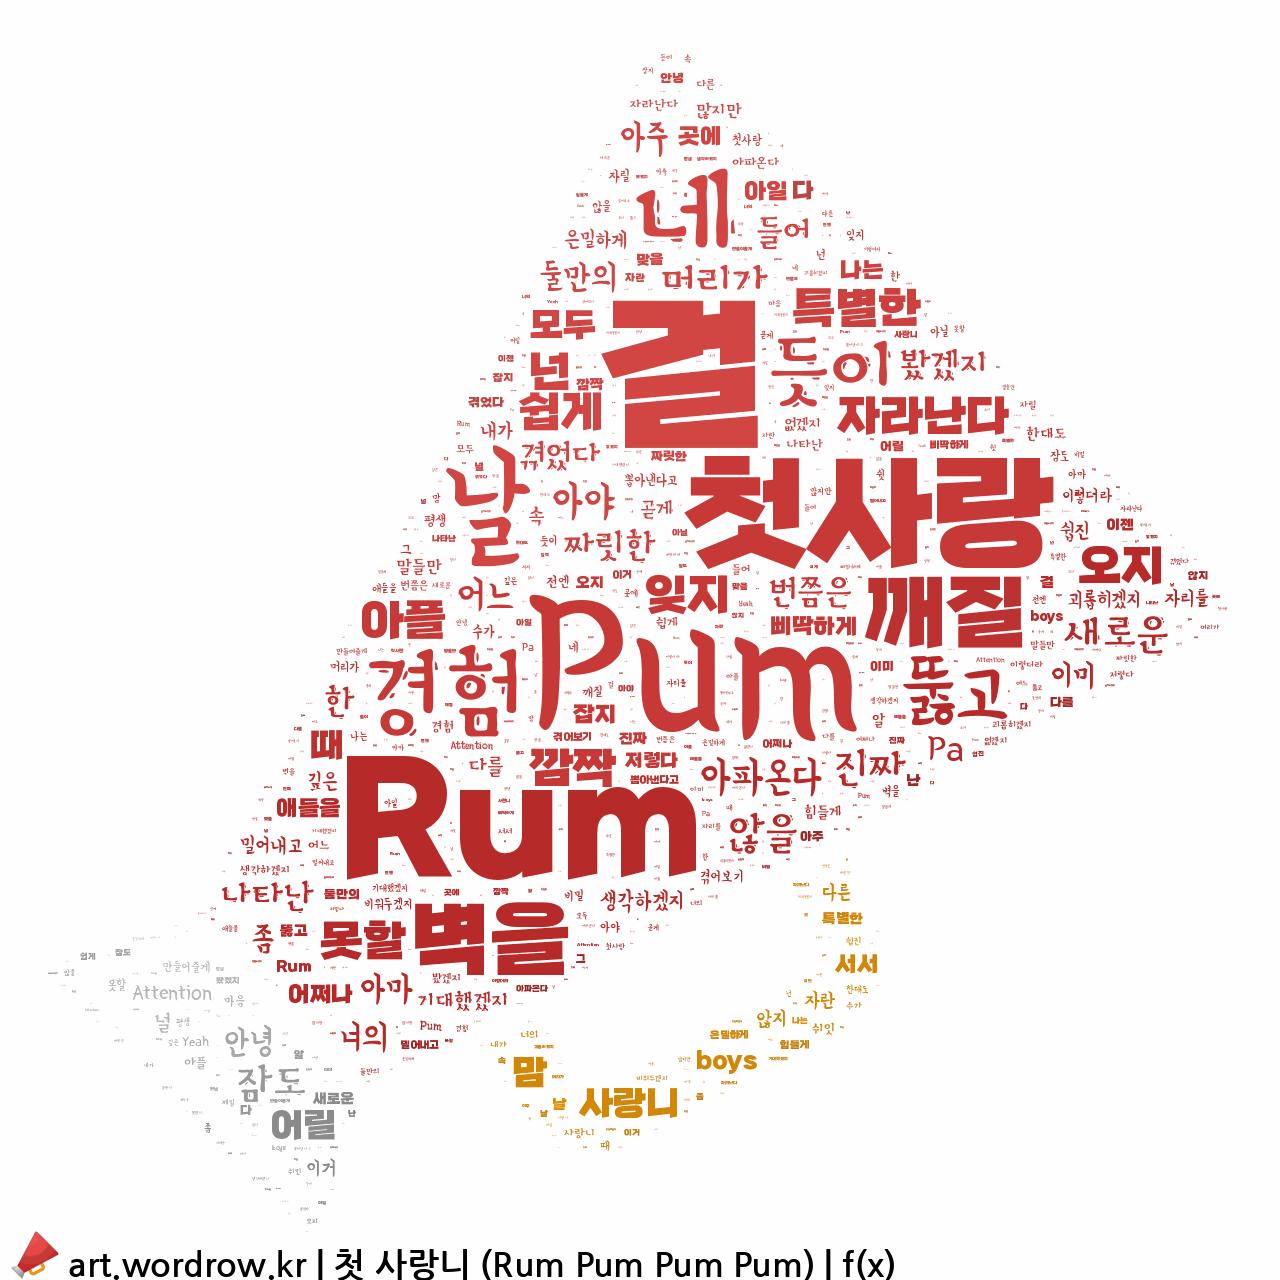 워드 클라우드: 첫 사랑니 (Rum Pum Pum Pum) [f(x)]-44